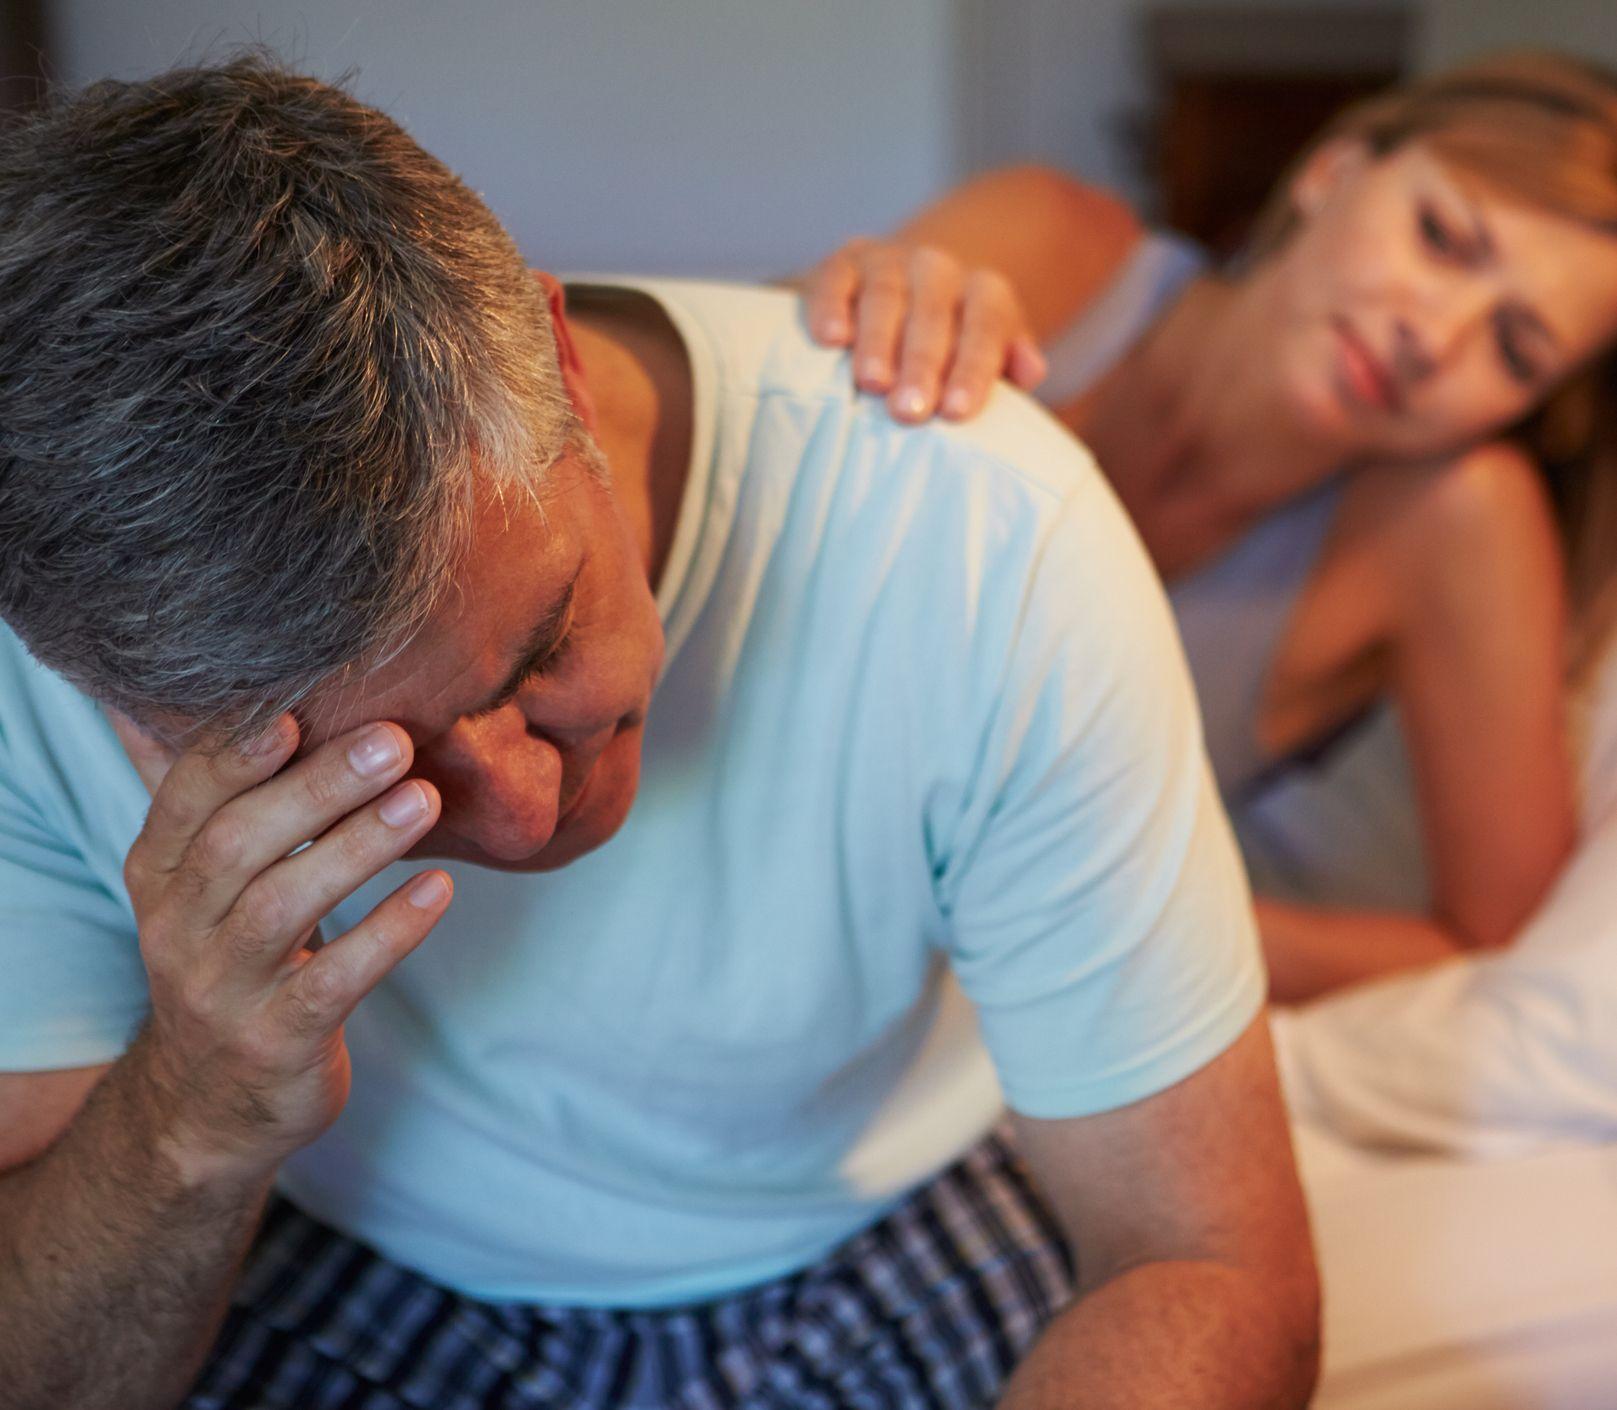 Erekcia vo vyššom veku nemusí byť problém: Čo zaberie aj bez modrých tabletiek?